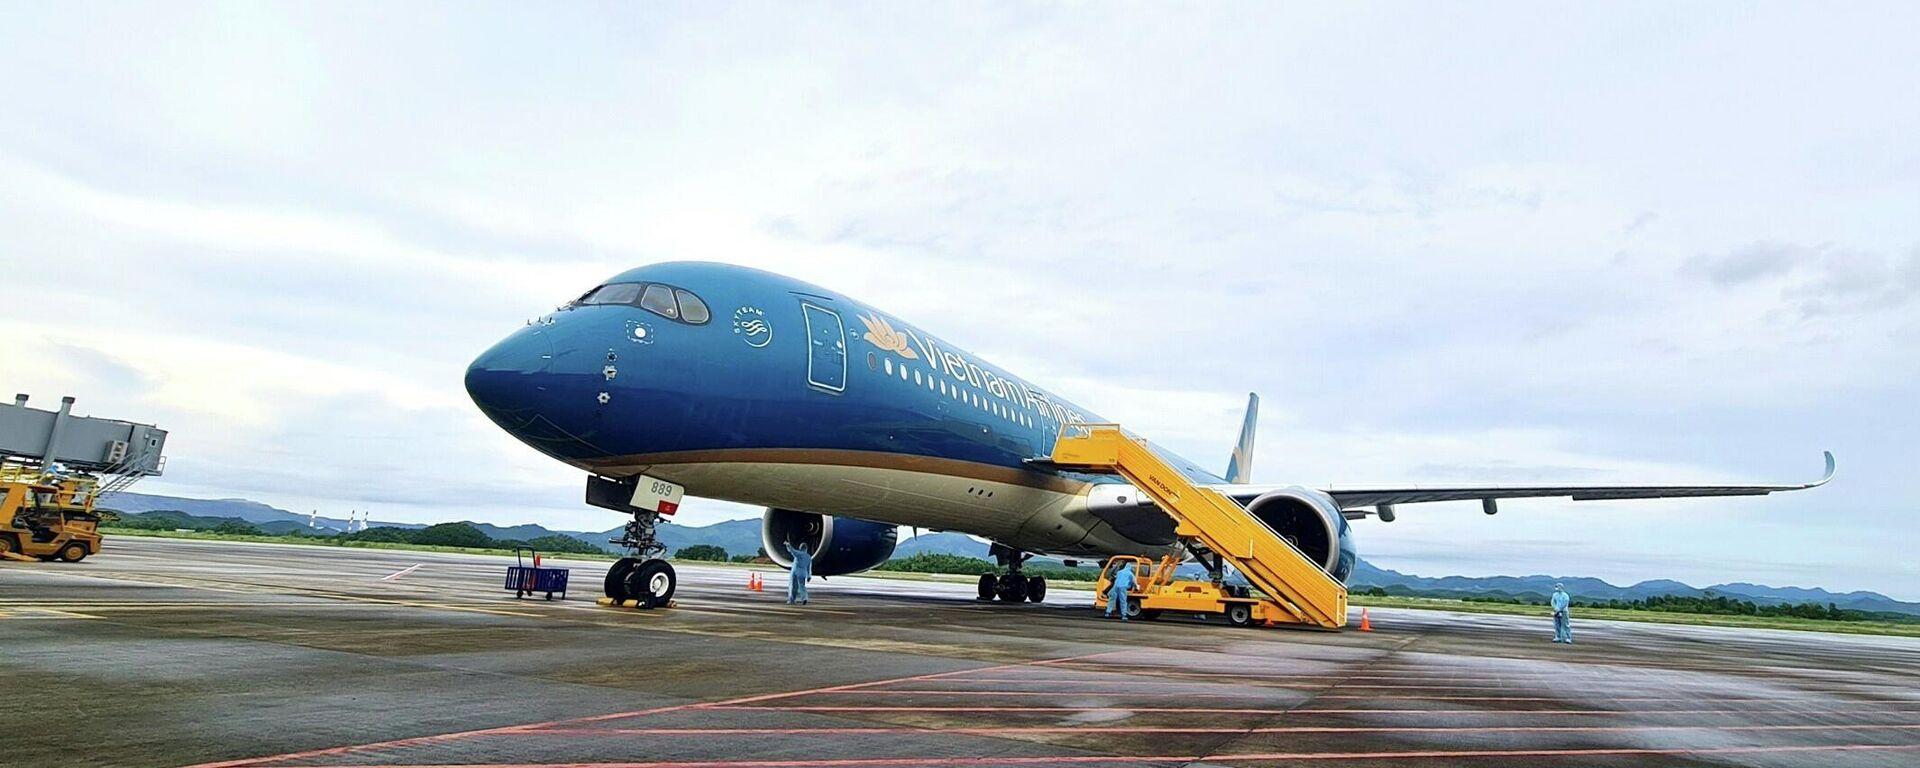 Chuyến bay mang số hiệu VN18 chở 301 hành khách từ Pháp hạ cánh an toàn ngày 23/9 tại sân bay quốc tế Vân Đồn. - Sputnik Việt Nam, 1920, 11.10.2021